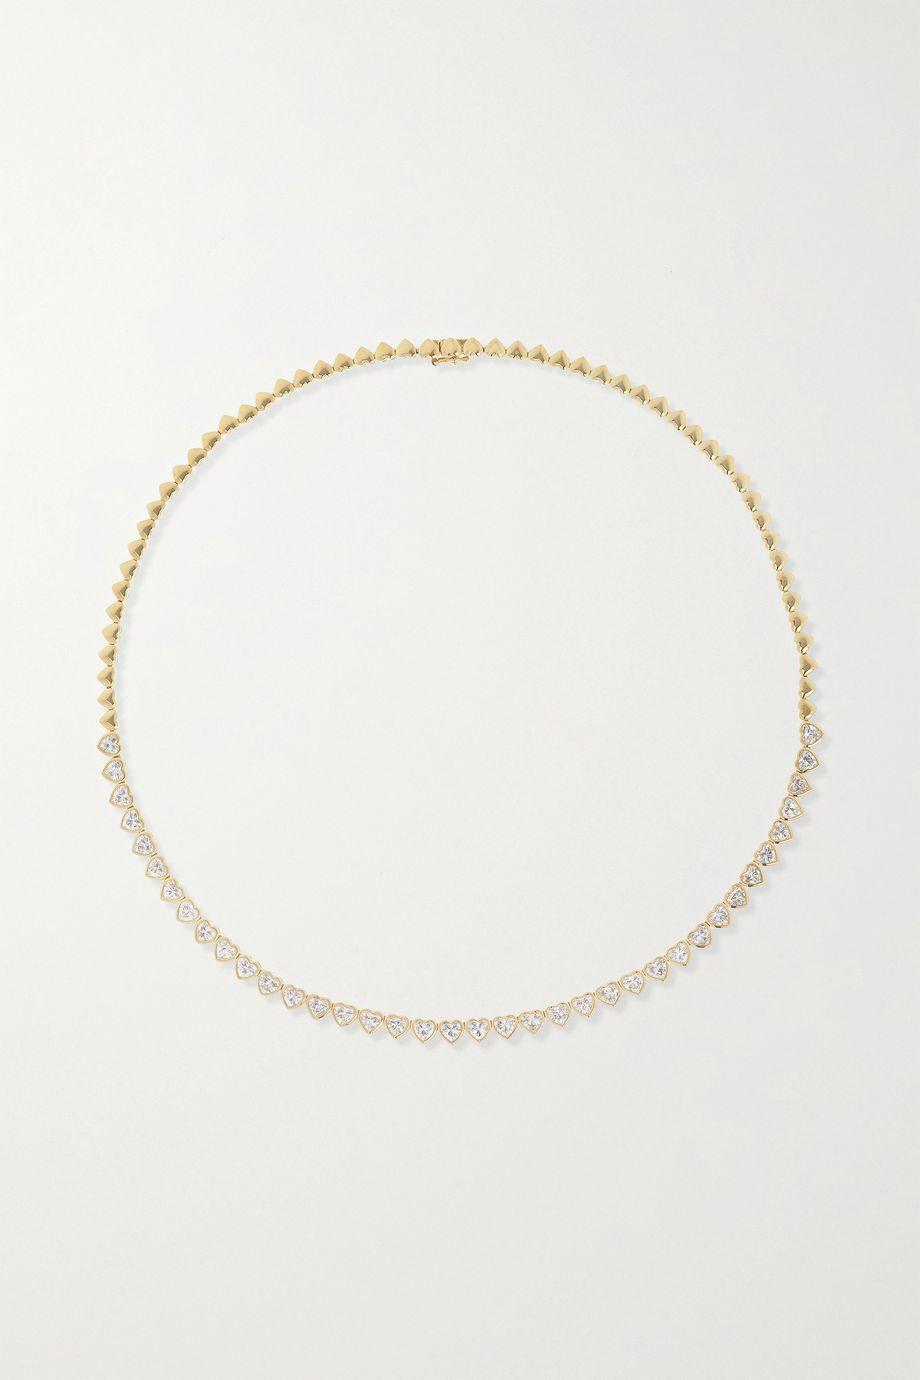 Anita Ko Collier en or 18carats (750/1000) et diamants Heart